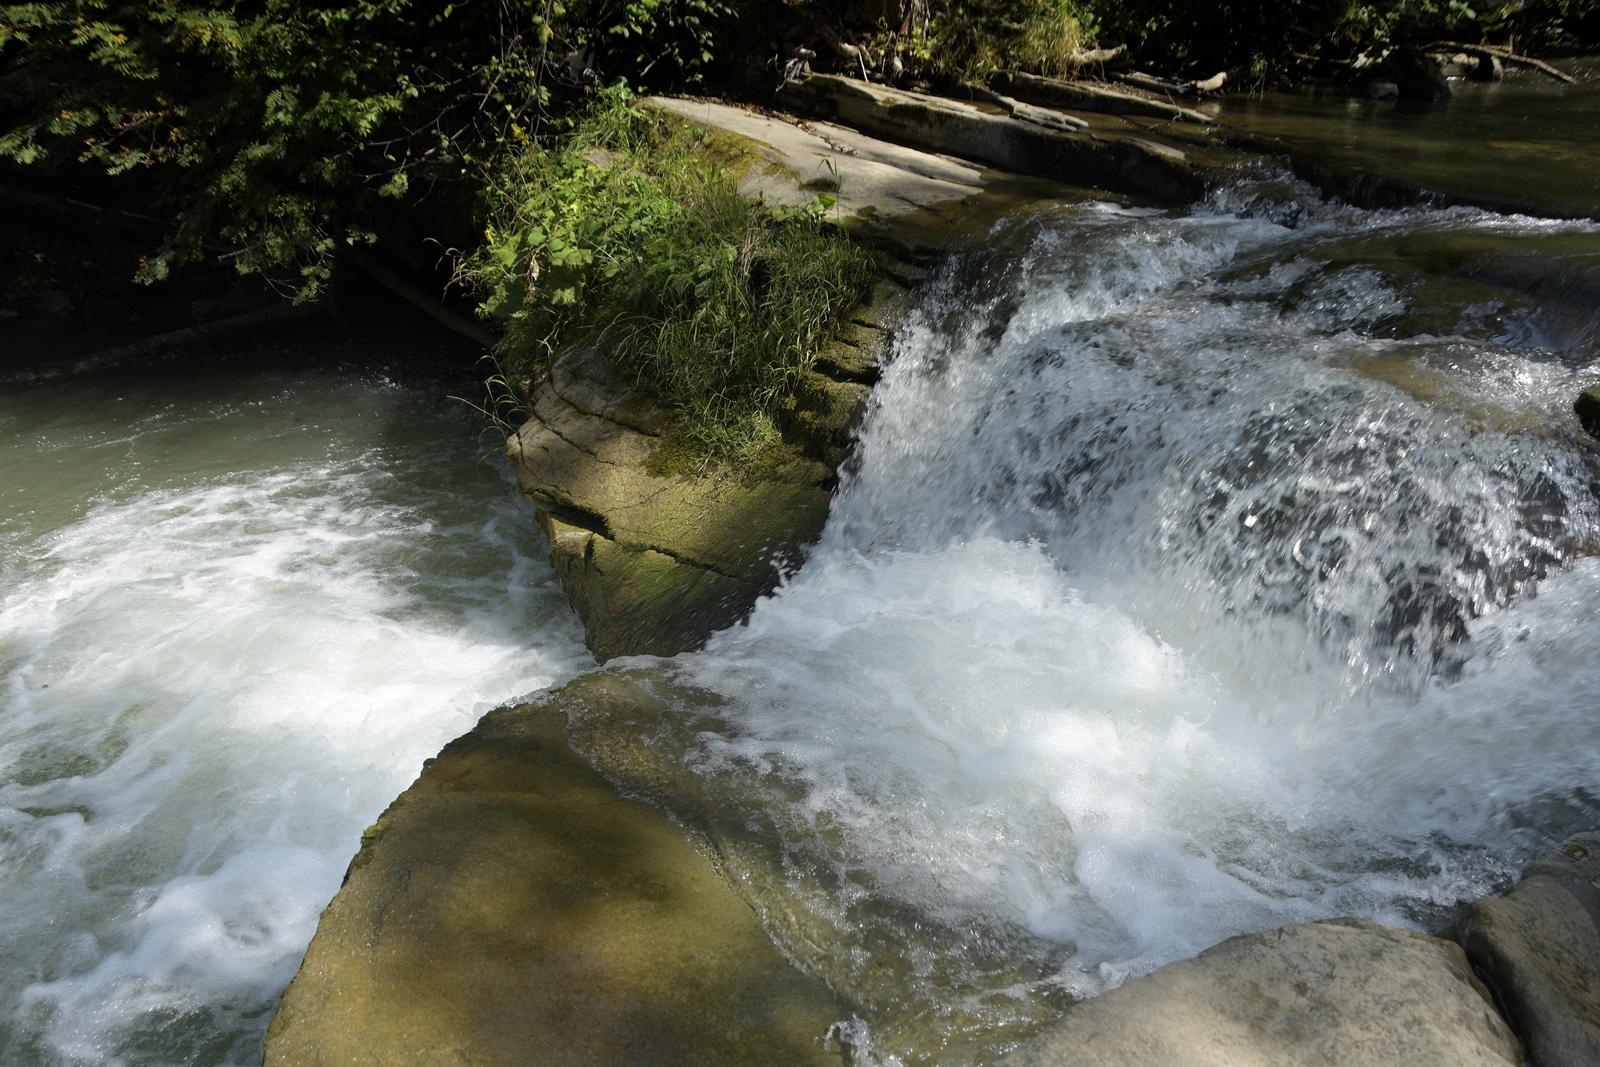 kacwin wodospad